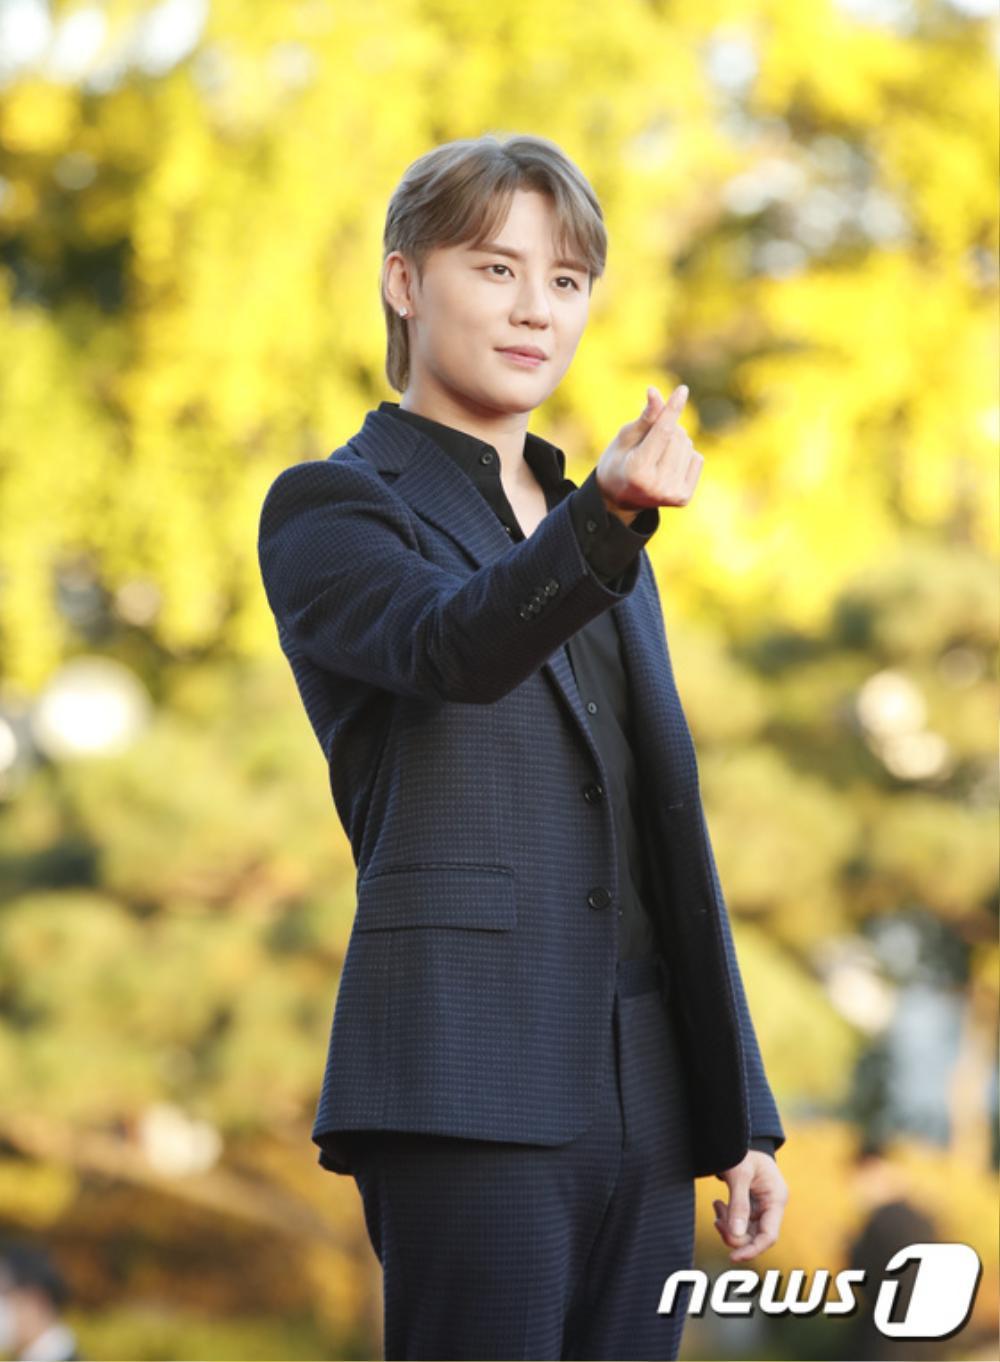 Thảm đỏ hot nhất Hàn Quốc: SEVENTEEN cùng Hyun Bin, Gong Hyo Jin, Kim Hee Ae và Kang Ha Neul gây sốt Ảnh 35